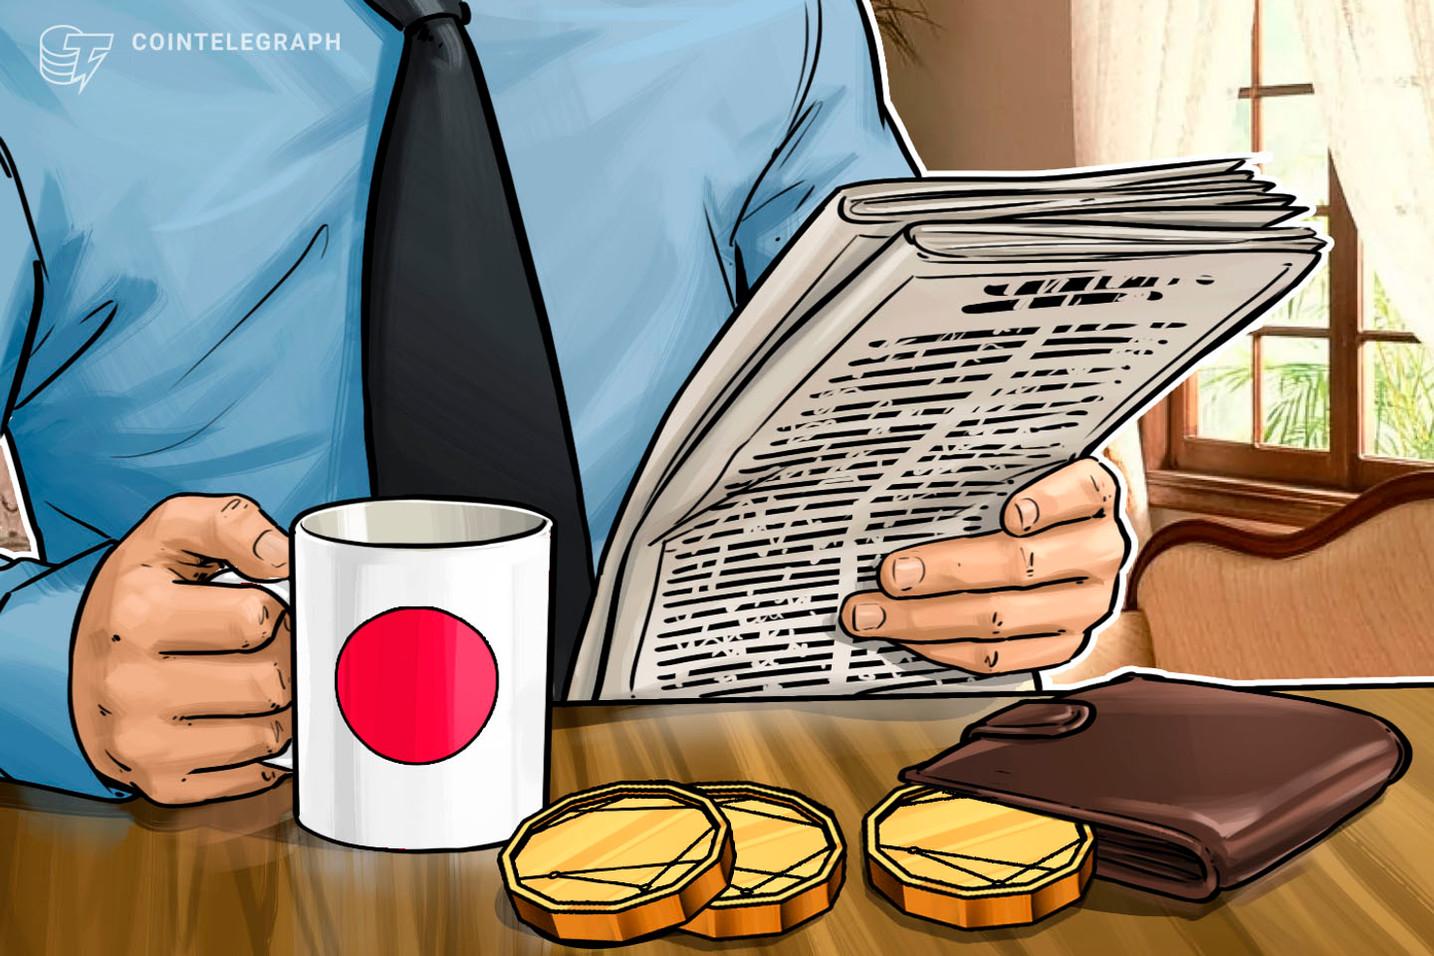 仮想通貨取引所bitFlyer、国内で初めてテゾス(XTZ)の取扱い開始